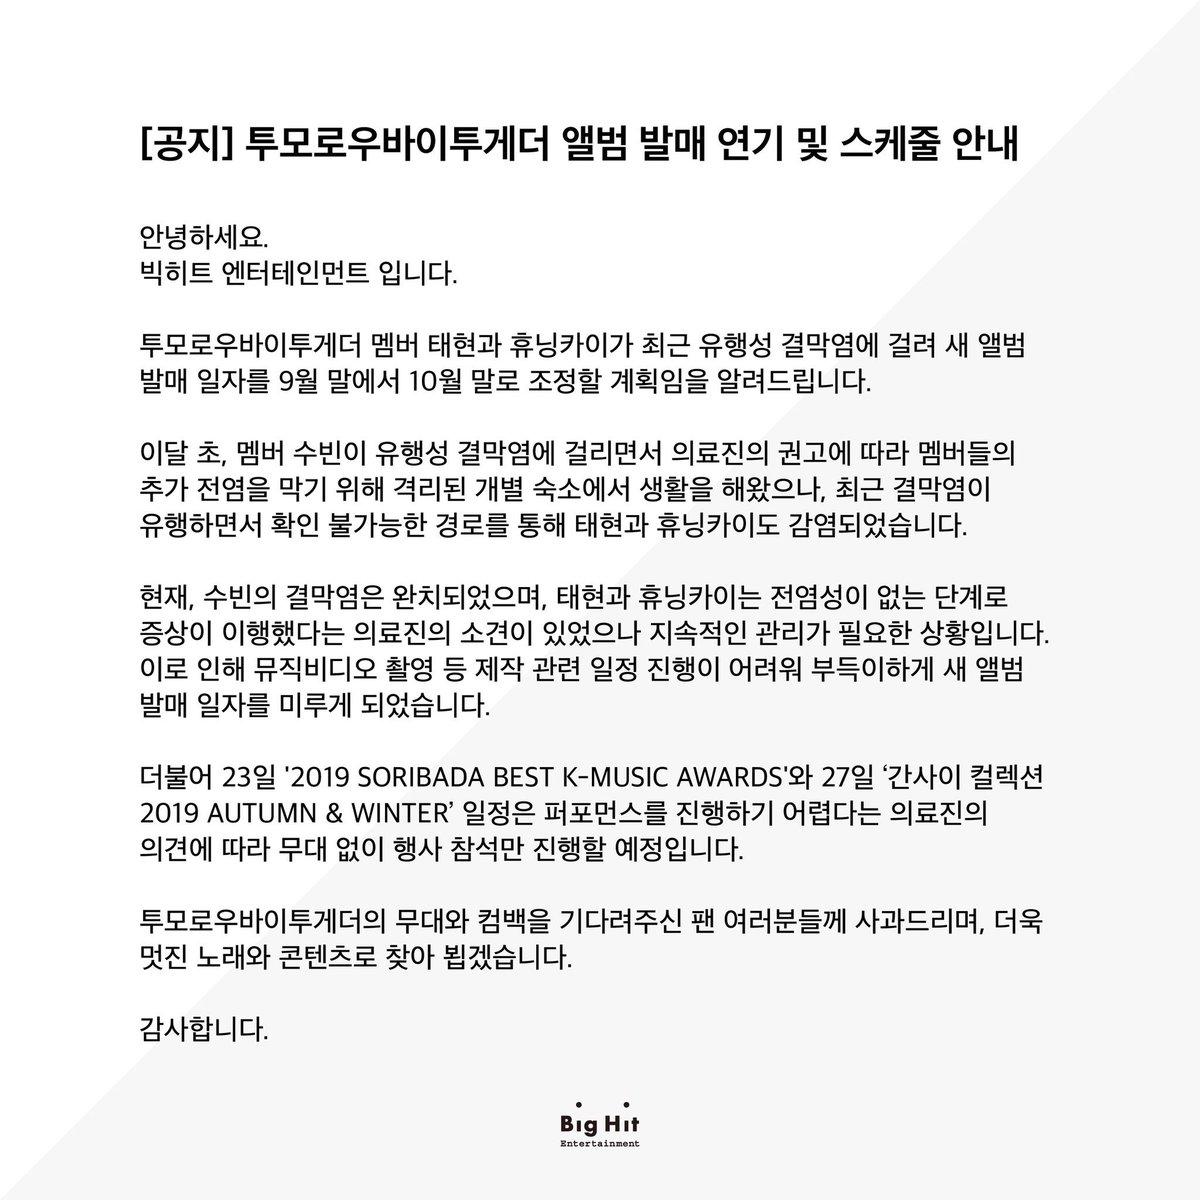 [공지] 투모로우바이투게더 앨범 발매 연기 및 스케줄 안내 (+ENG)